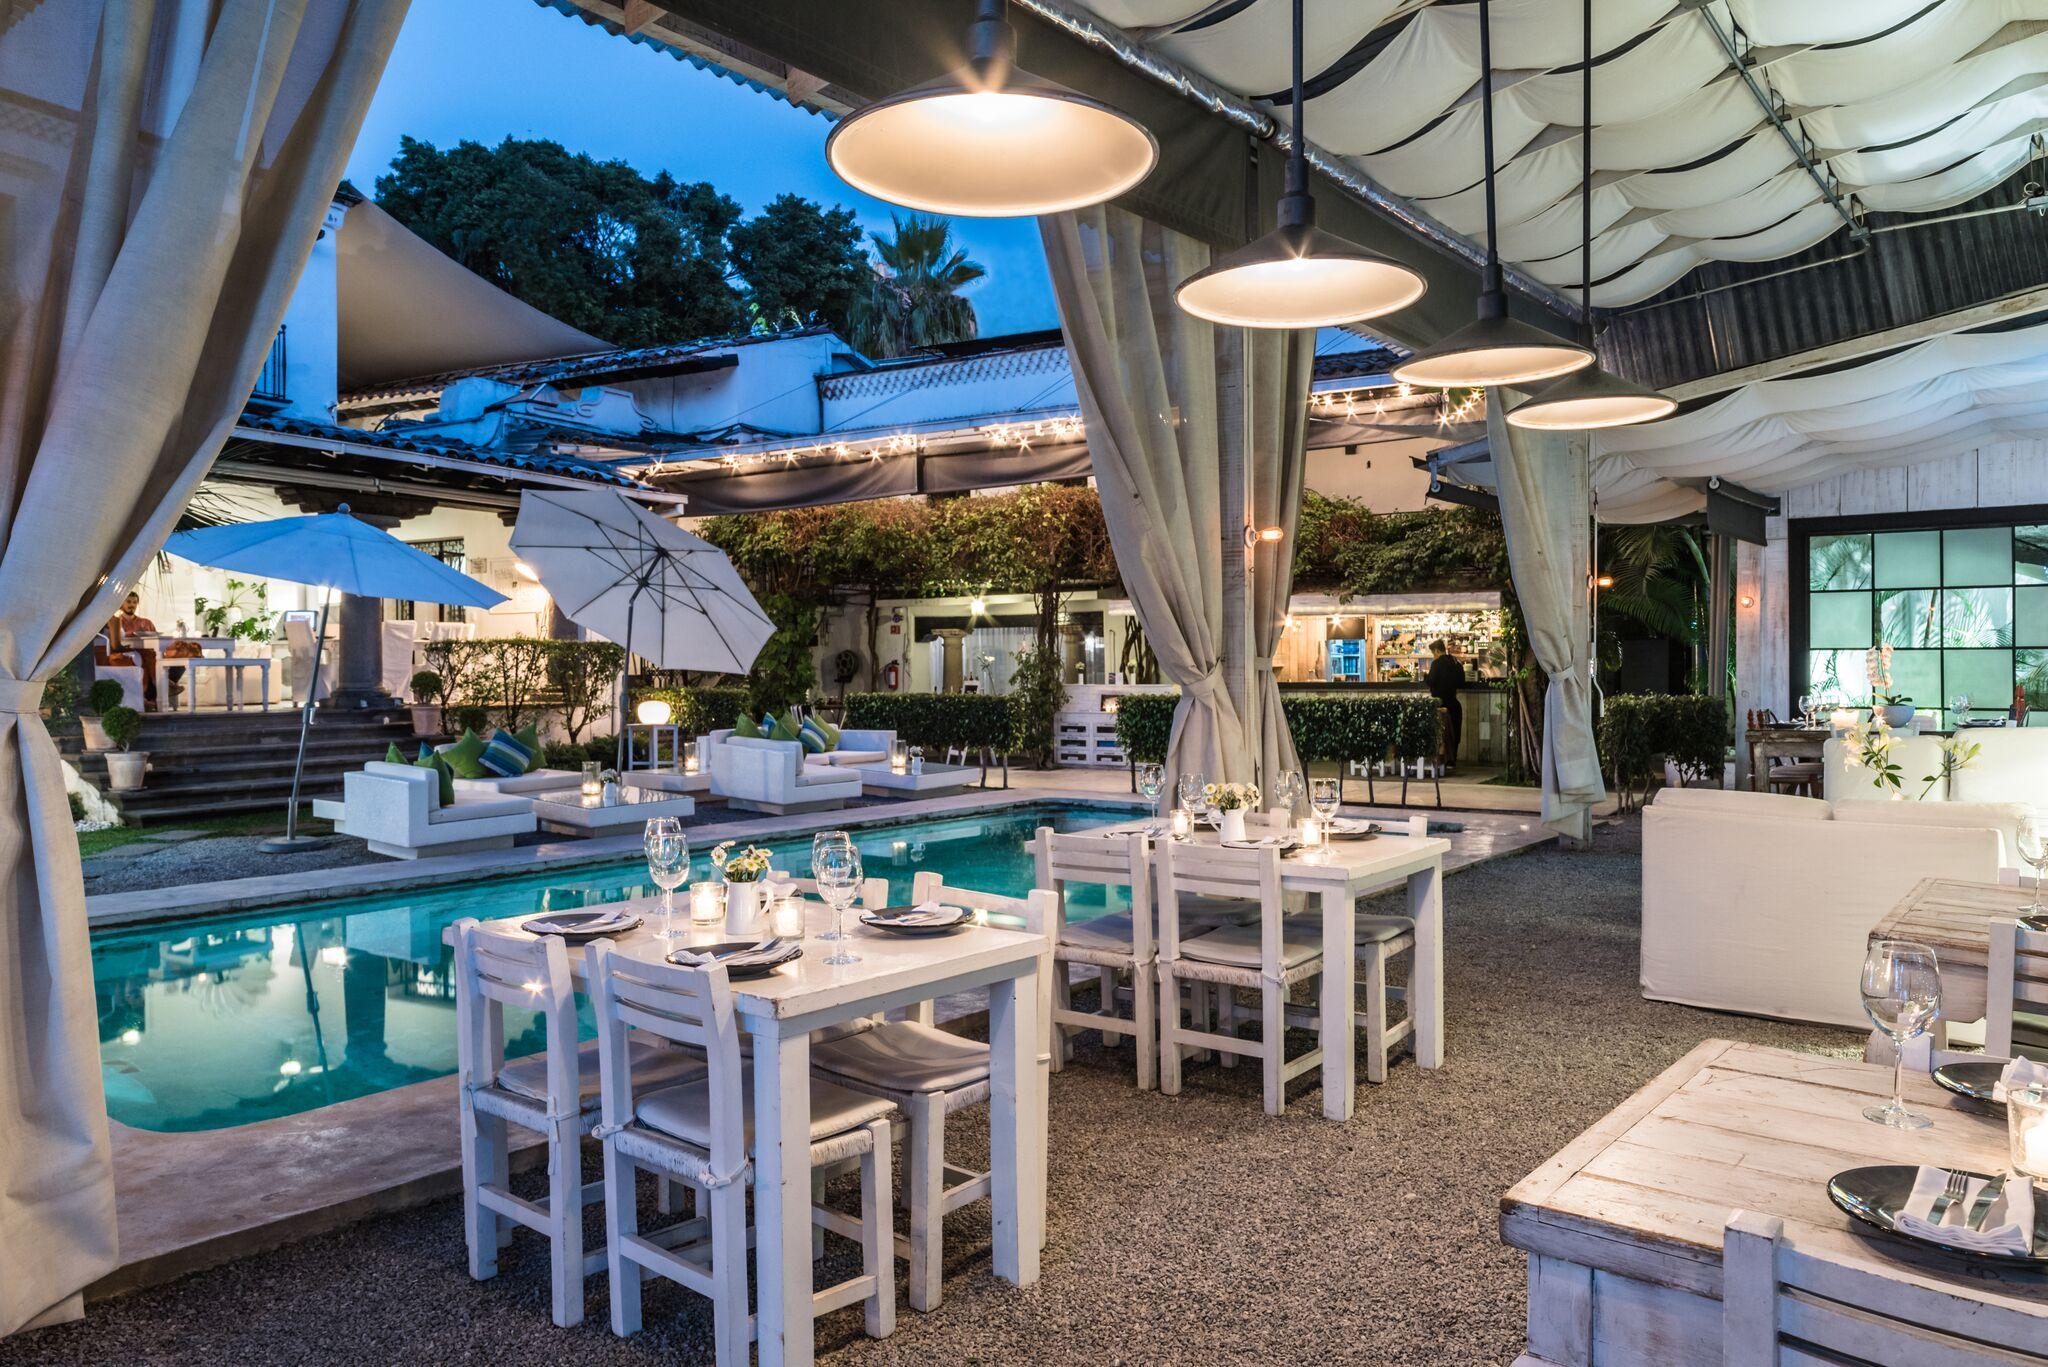 5 hoteles románticos en Cuernavaca para pasar un fin de semana lleno de amor